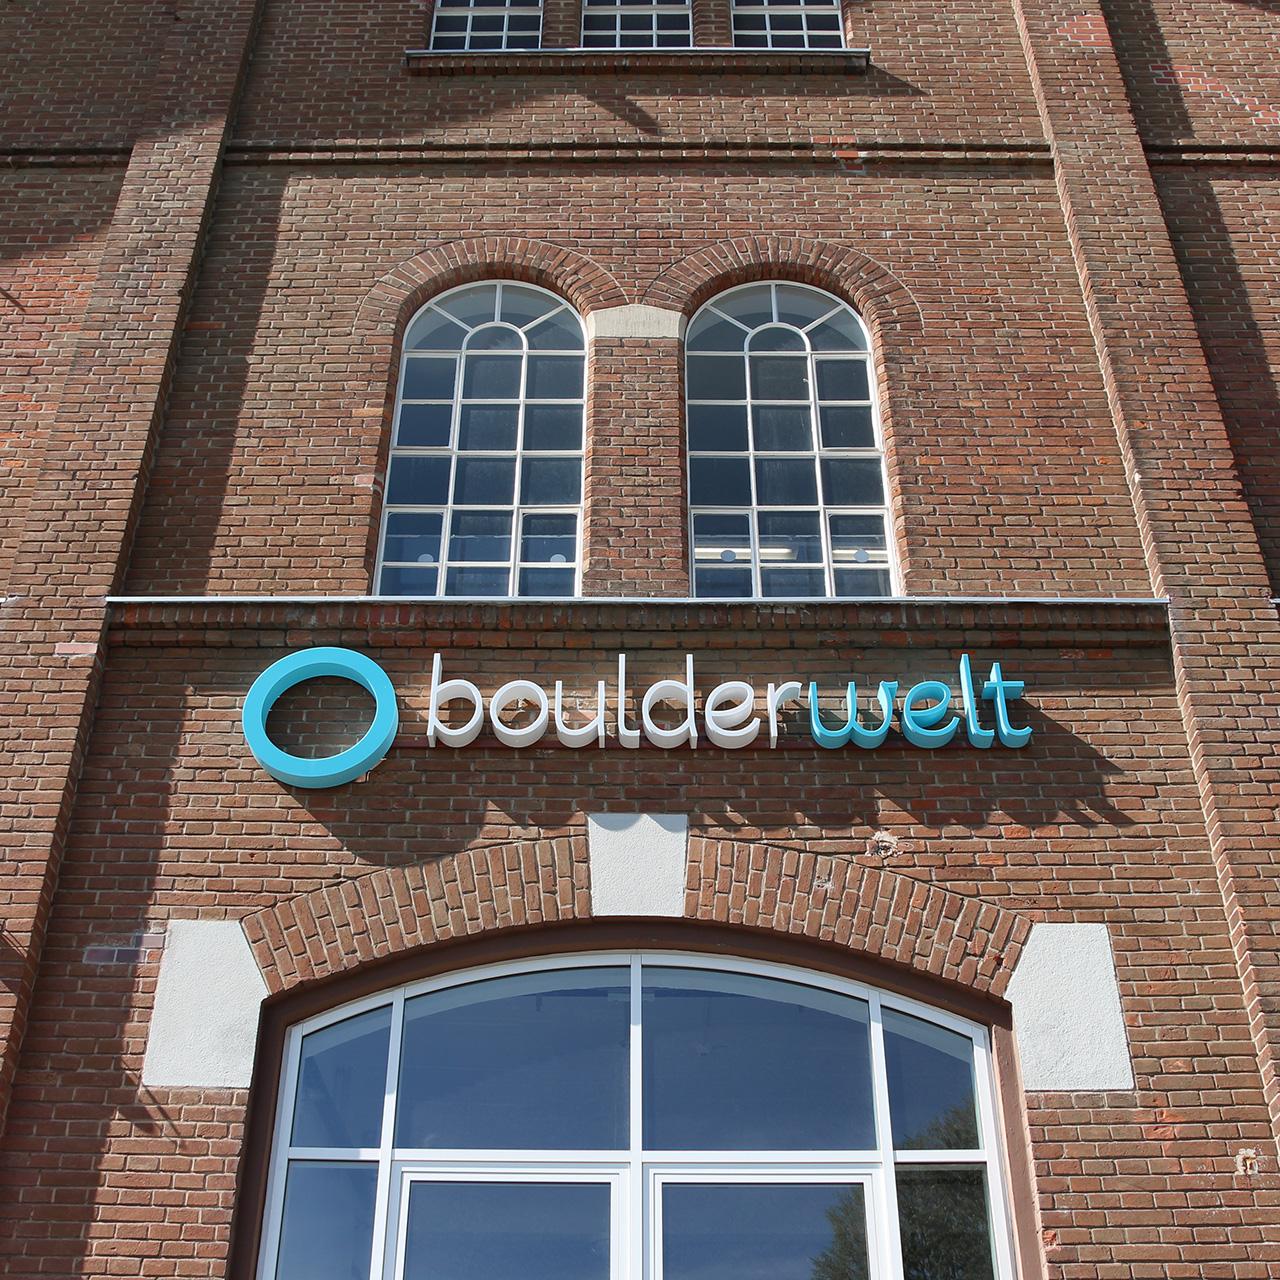 Boulderwelt, Neuaubing_2